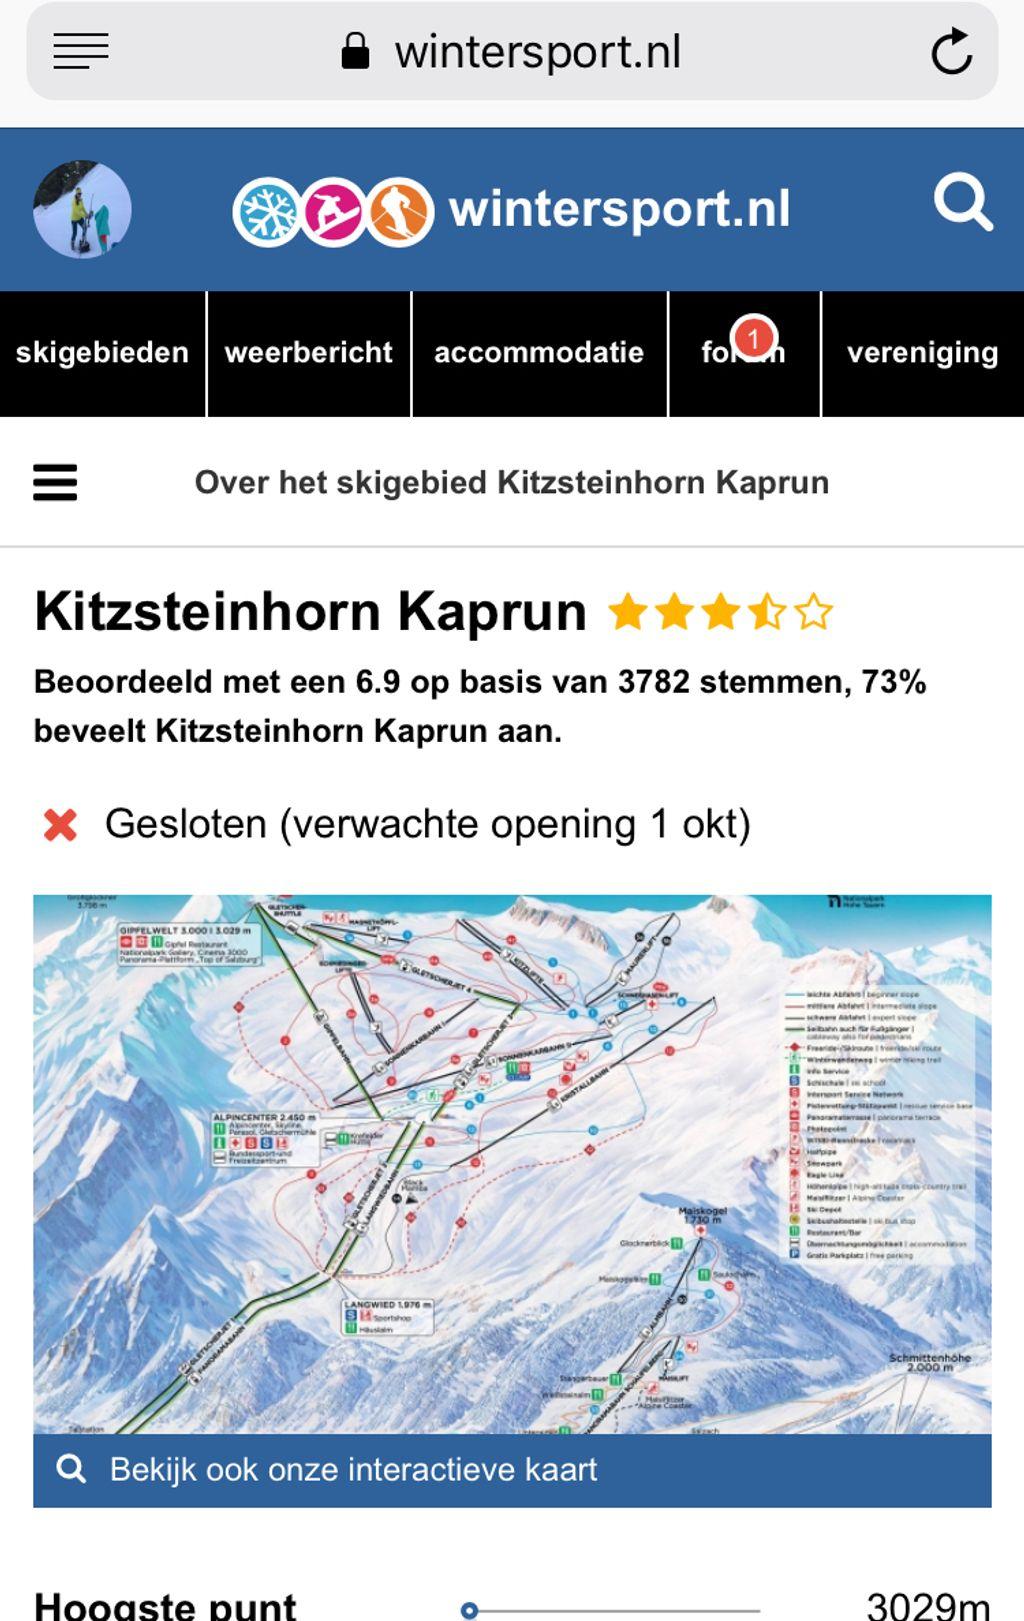 https://cdn.wintersport.nl/forum/22/d53eeee86c1508ac9aa99caa...